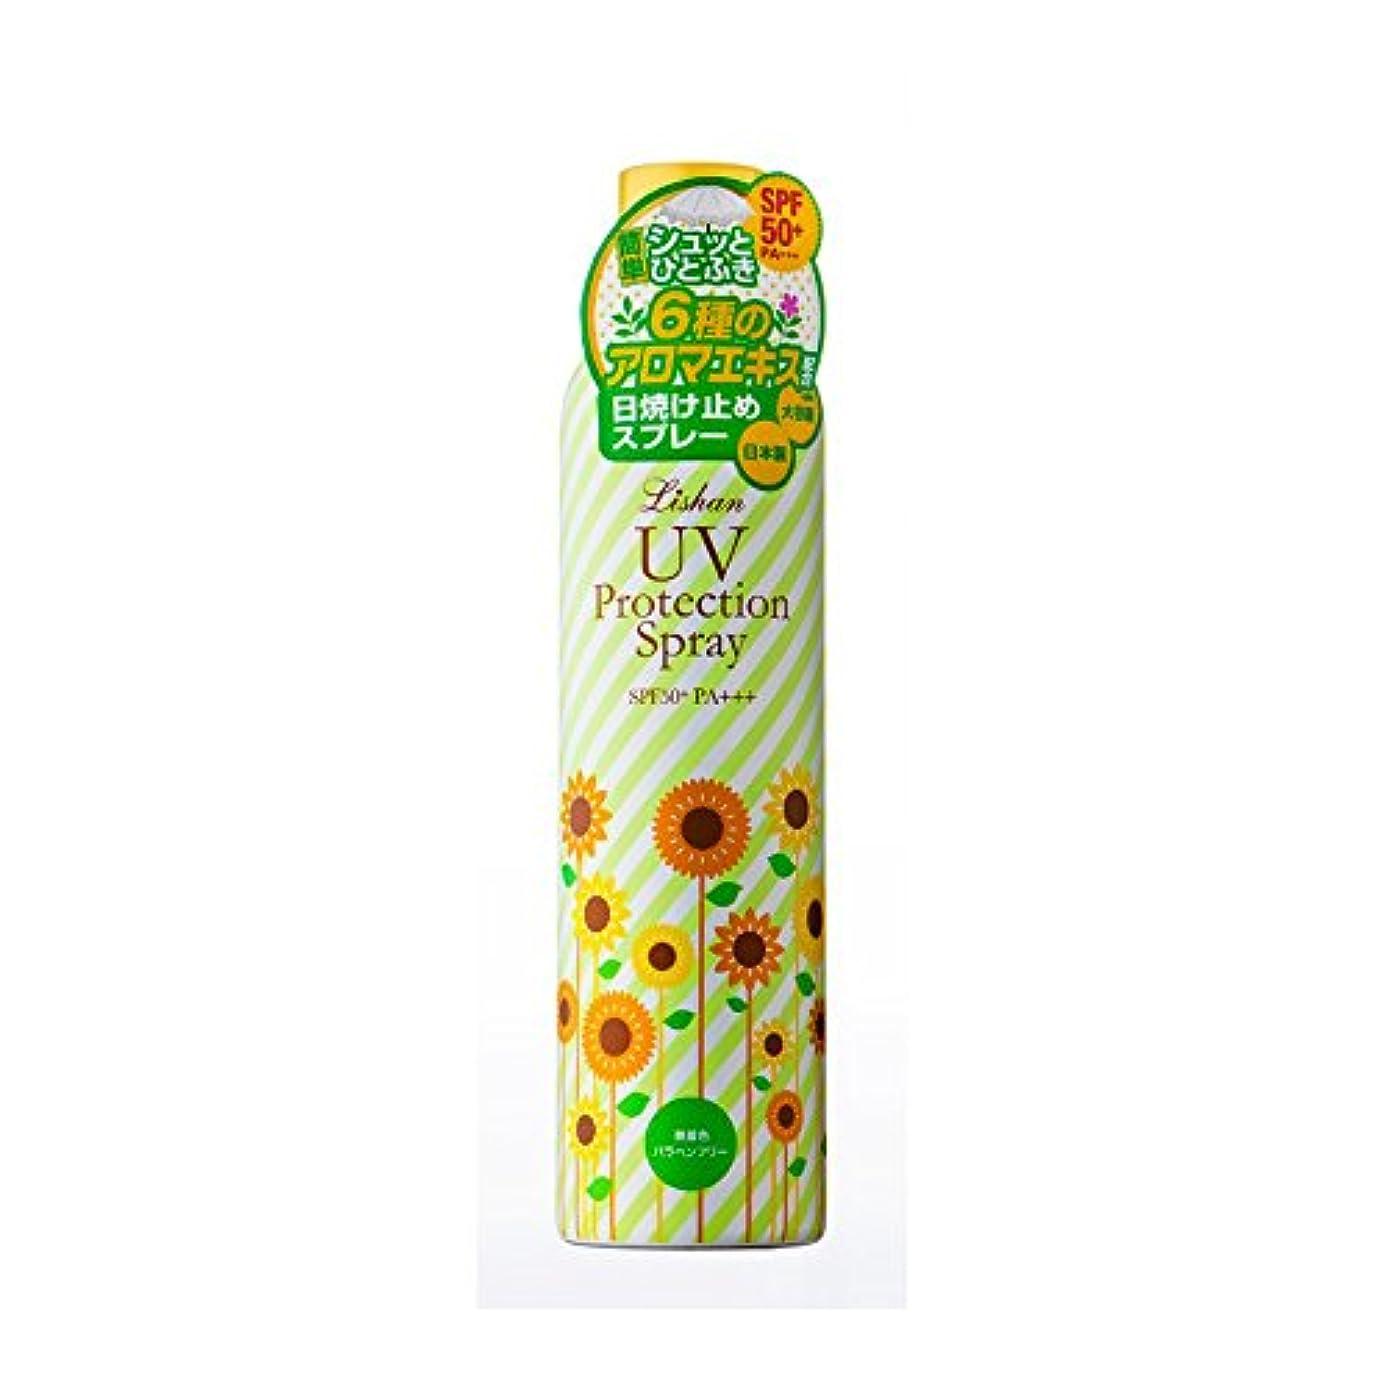 カバーラジカル甘いリシャン 大容量UVスプレー アロマミックスの香り (230g)